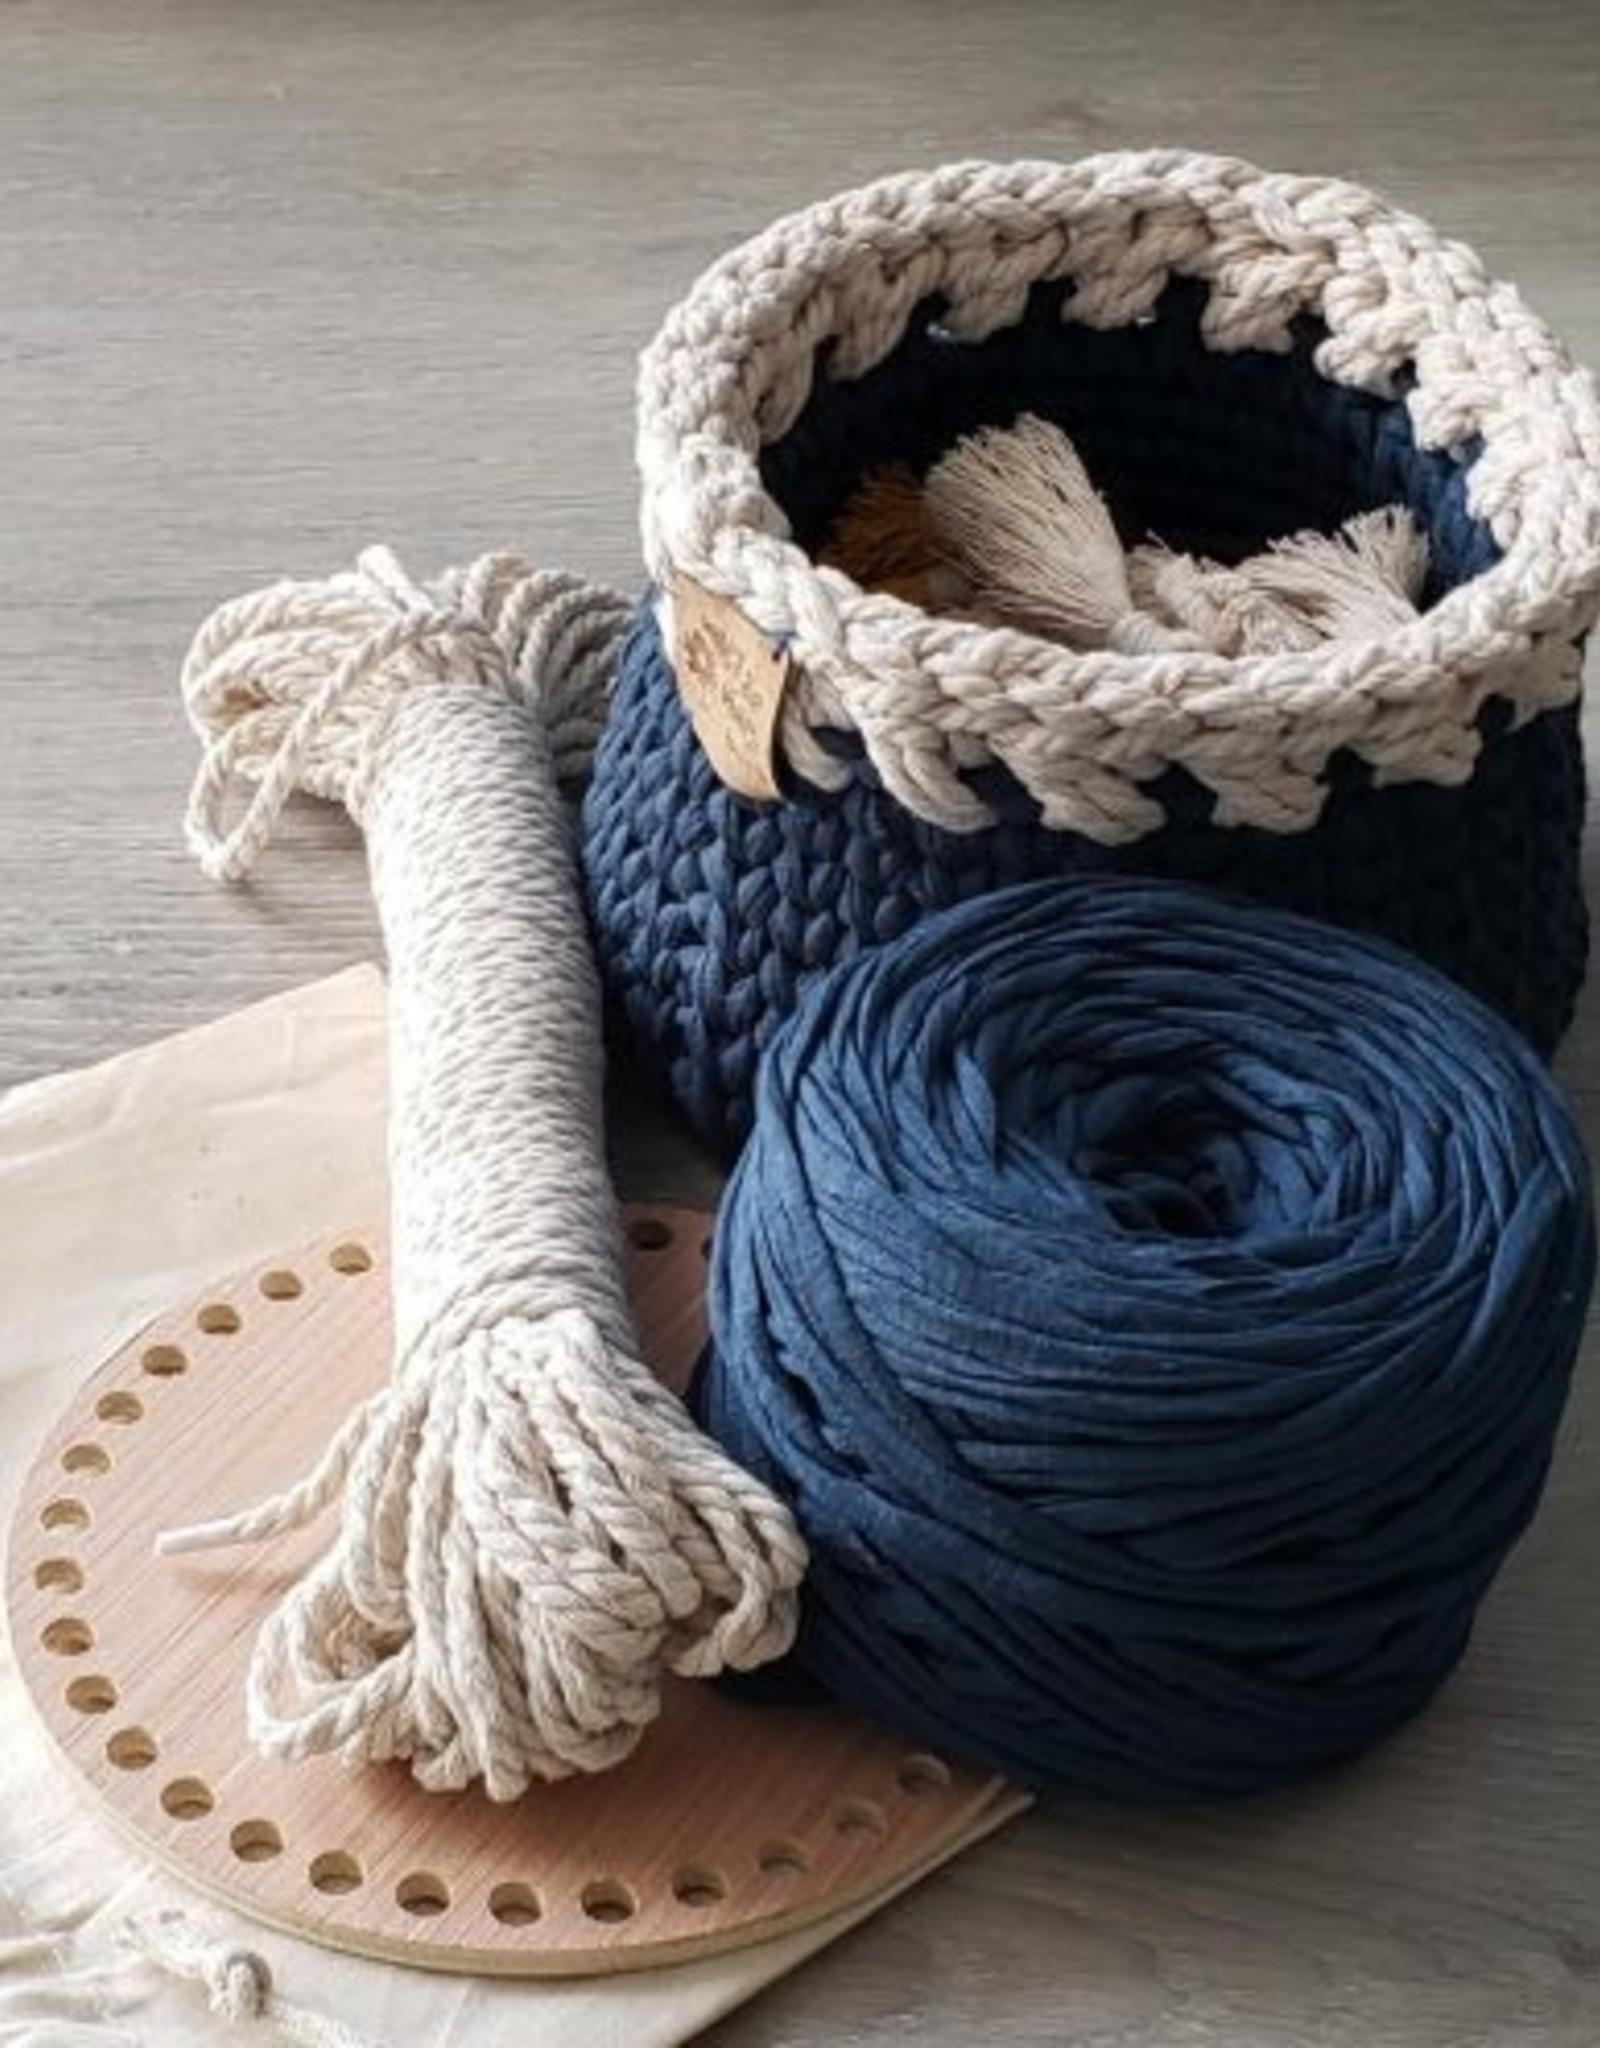 Aster & Vine Crochet Basket Kit